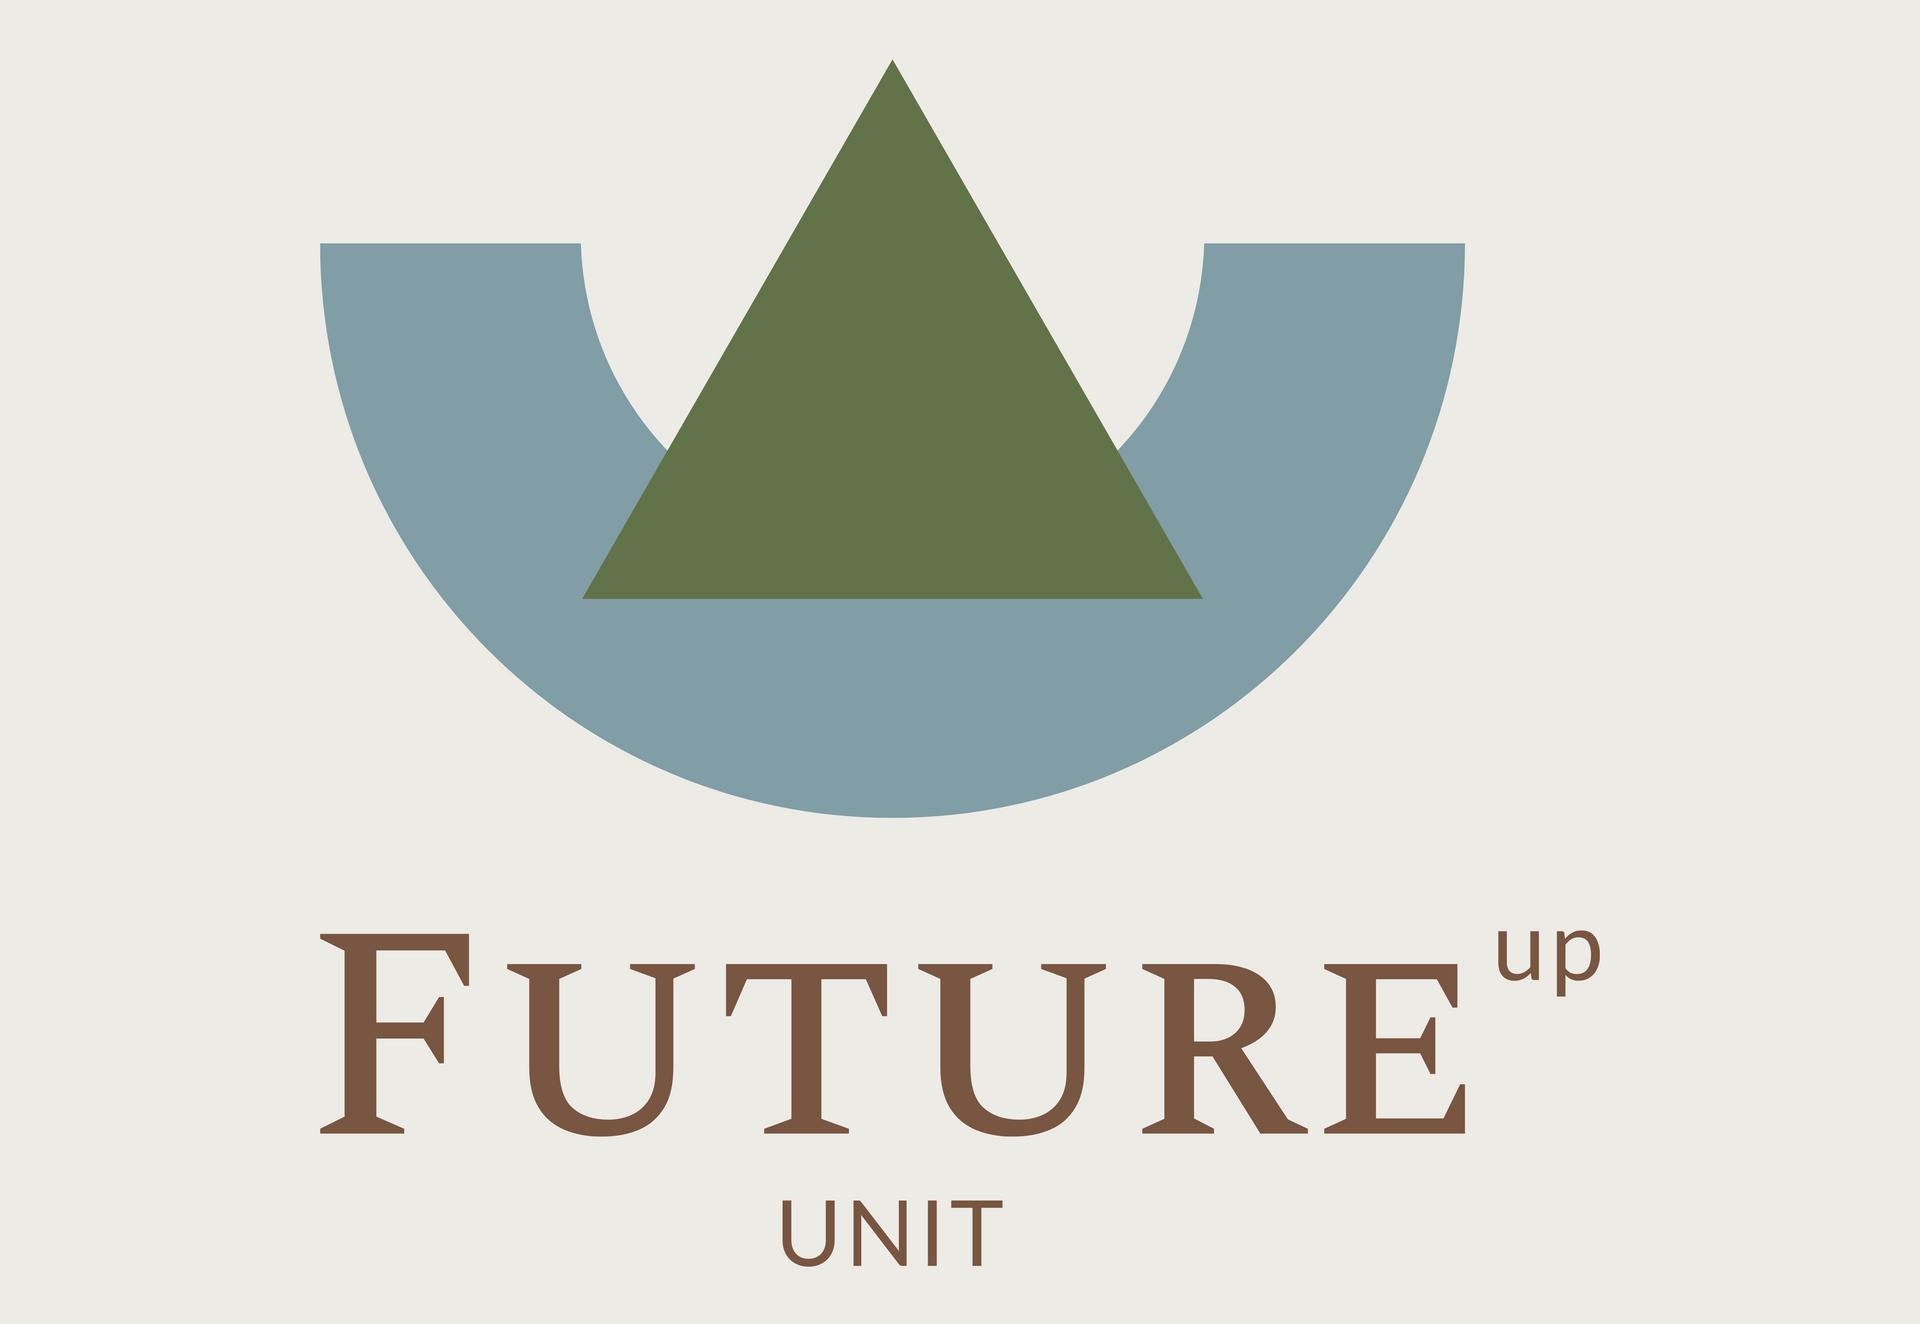 FutureUp